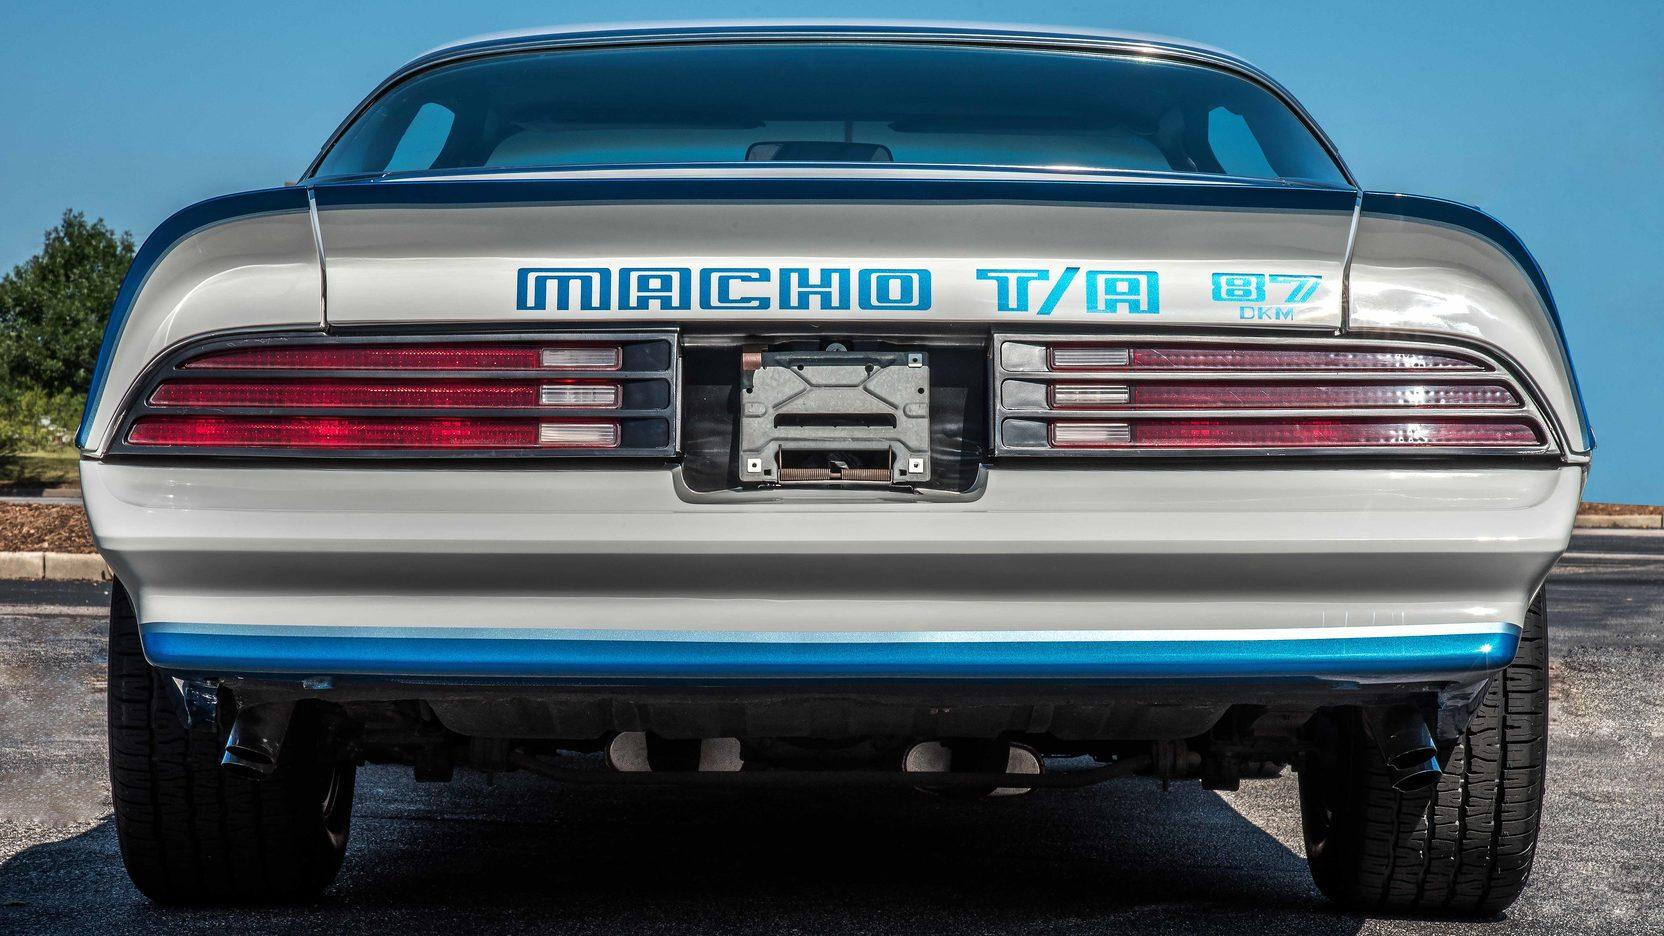 1978 Pontiac Macho Trans Am rear